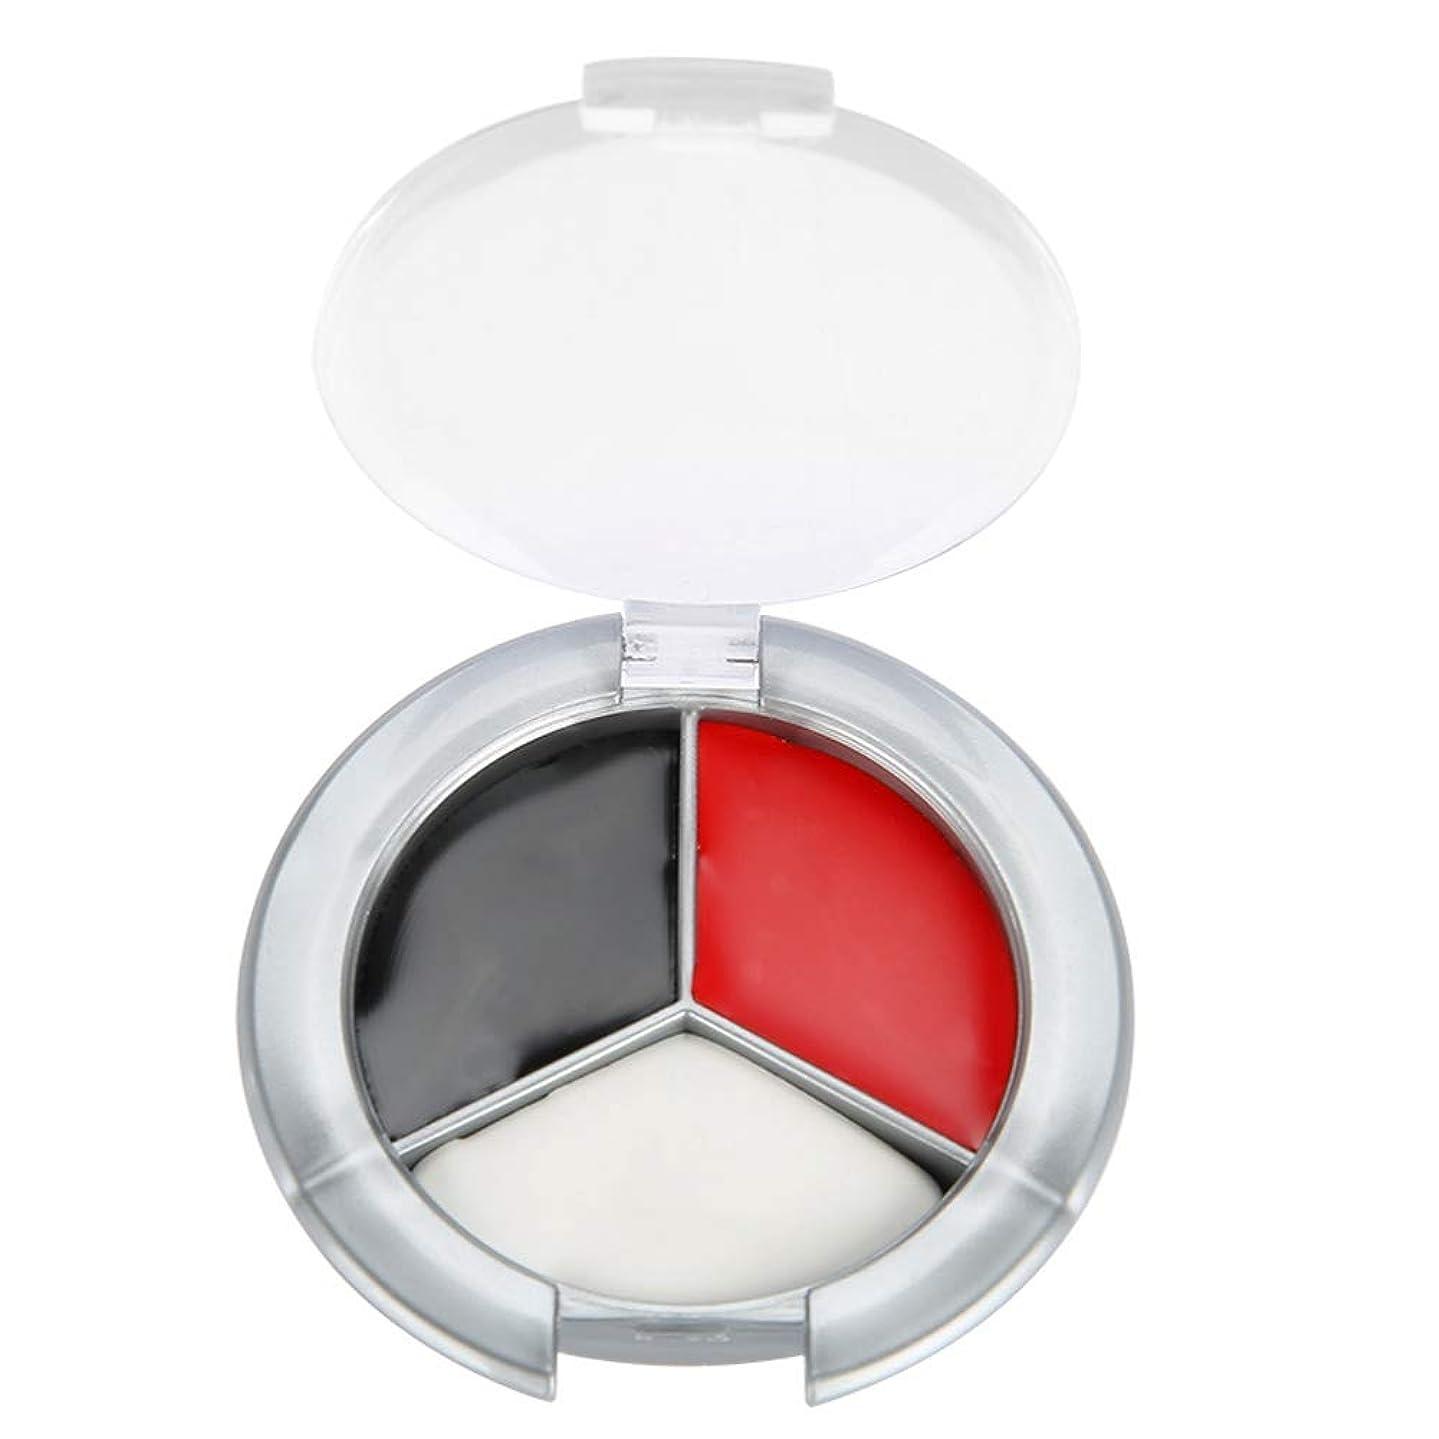 しみほんのシマウマハロウィンメイクアップフェイスペイント油、3色プロフェッショナルフェイスボディペイント油絵アートイースターに最適、テーマパーティー、コスプレ、ファンシードレスボール、ステージパフォーマンス(赤、黒、白の3色ペイント)